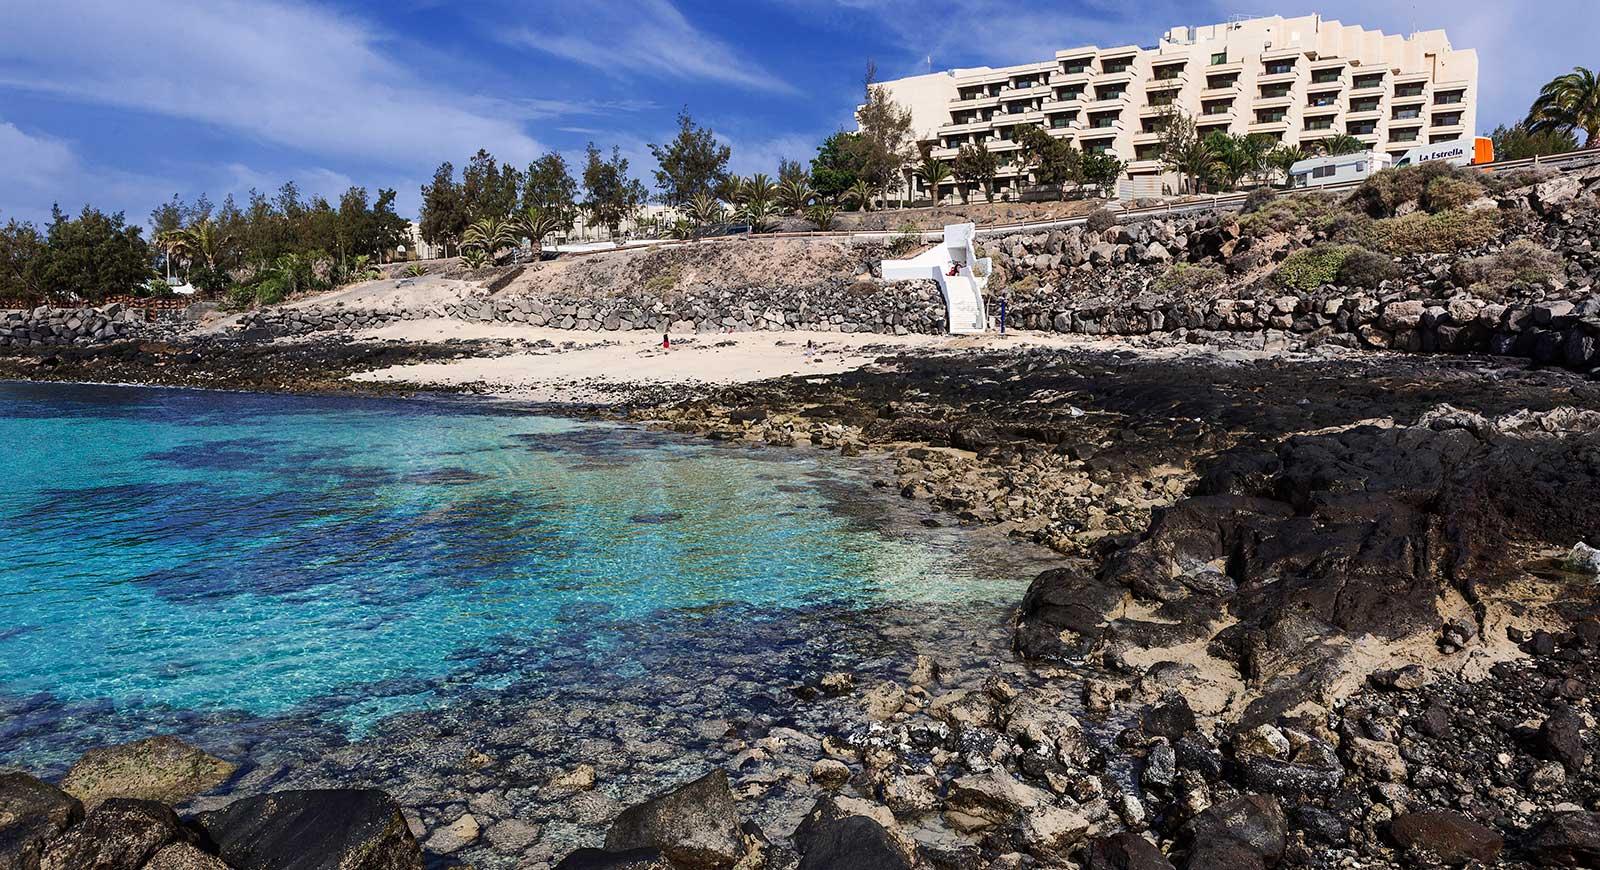 398-beach-hotel-occidental-lanzarote-playa_tcm7-91294_w1600_h870_n